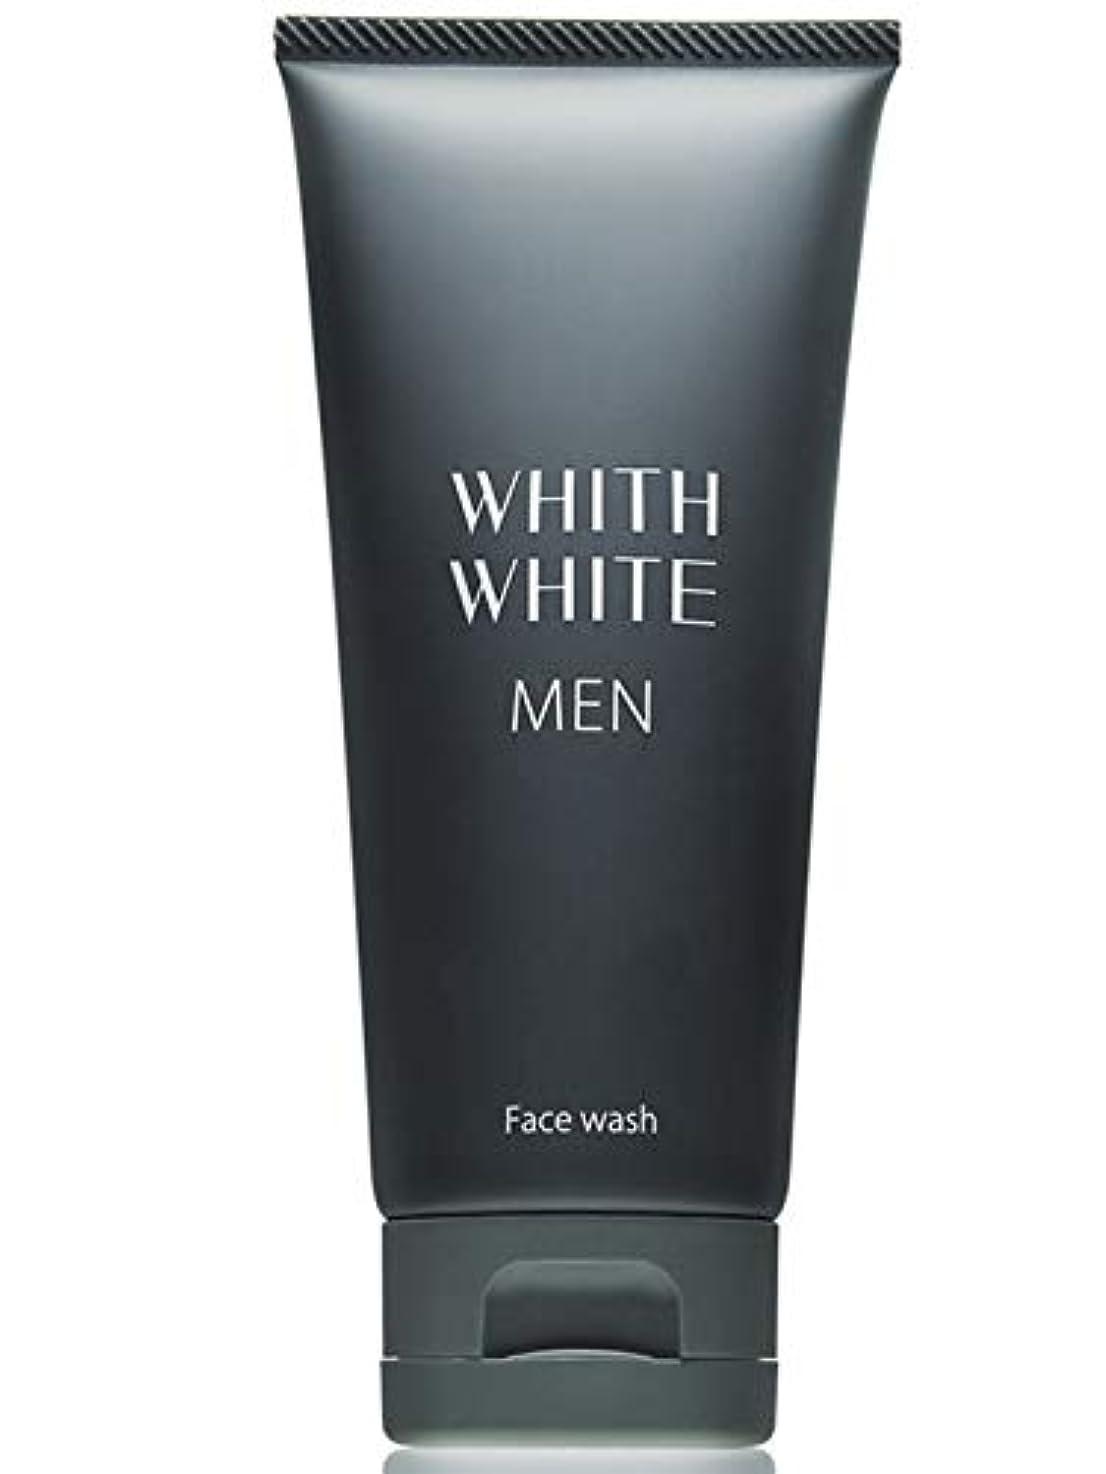 どこでも課税依存する洗顔 メンズ 医薬部外品 【 男 の しみ くすみ 対策 】 フィス ホワイト 「 30代~50代の 男性 専用 洗顔フォーム 」「 保湿 ヒアルロン酸 配合 洗顔料 」(男性用 スキンケア 化粧品 )95g